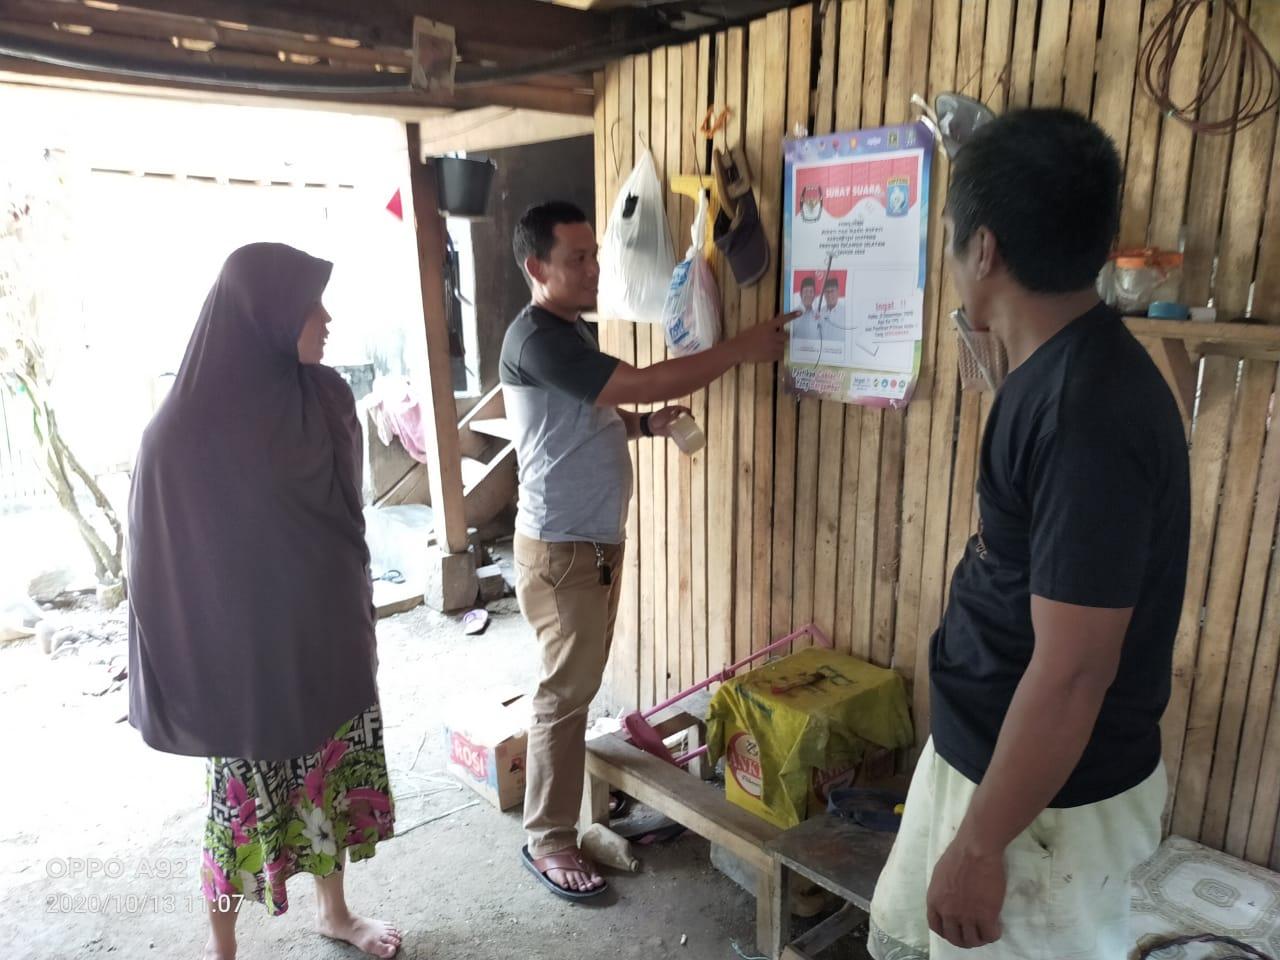 D - Trex, Komunitas Anak Muda Lajoa Dukung AKAR -LHD Pimpin Kembali Soppeng